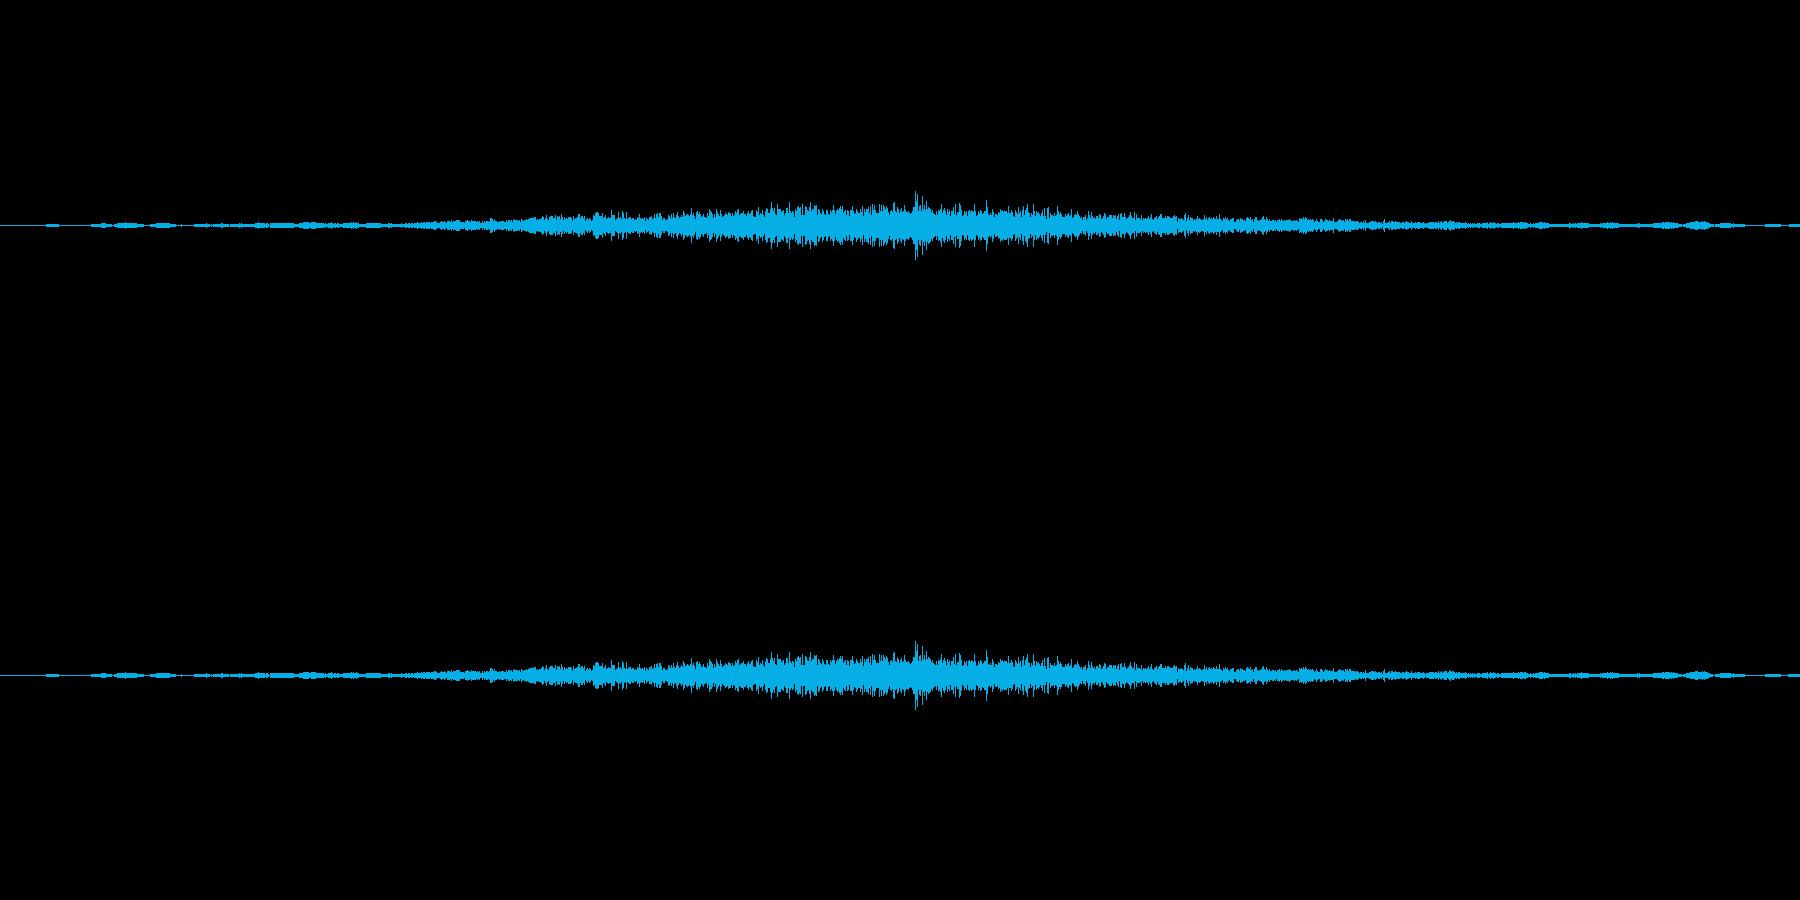 カーテンを開けた時の音ですの再生済みの波形